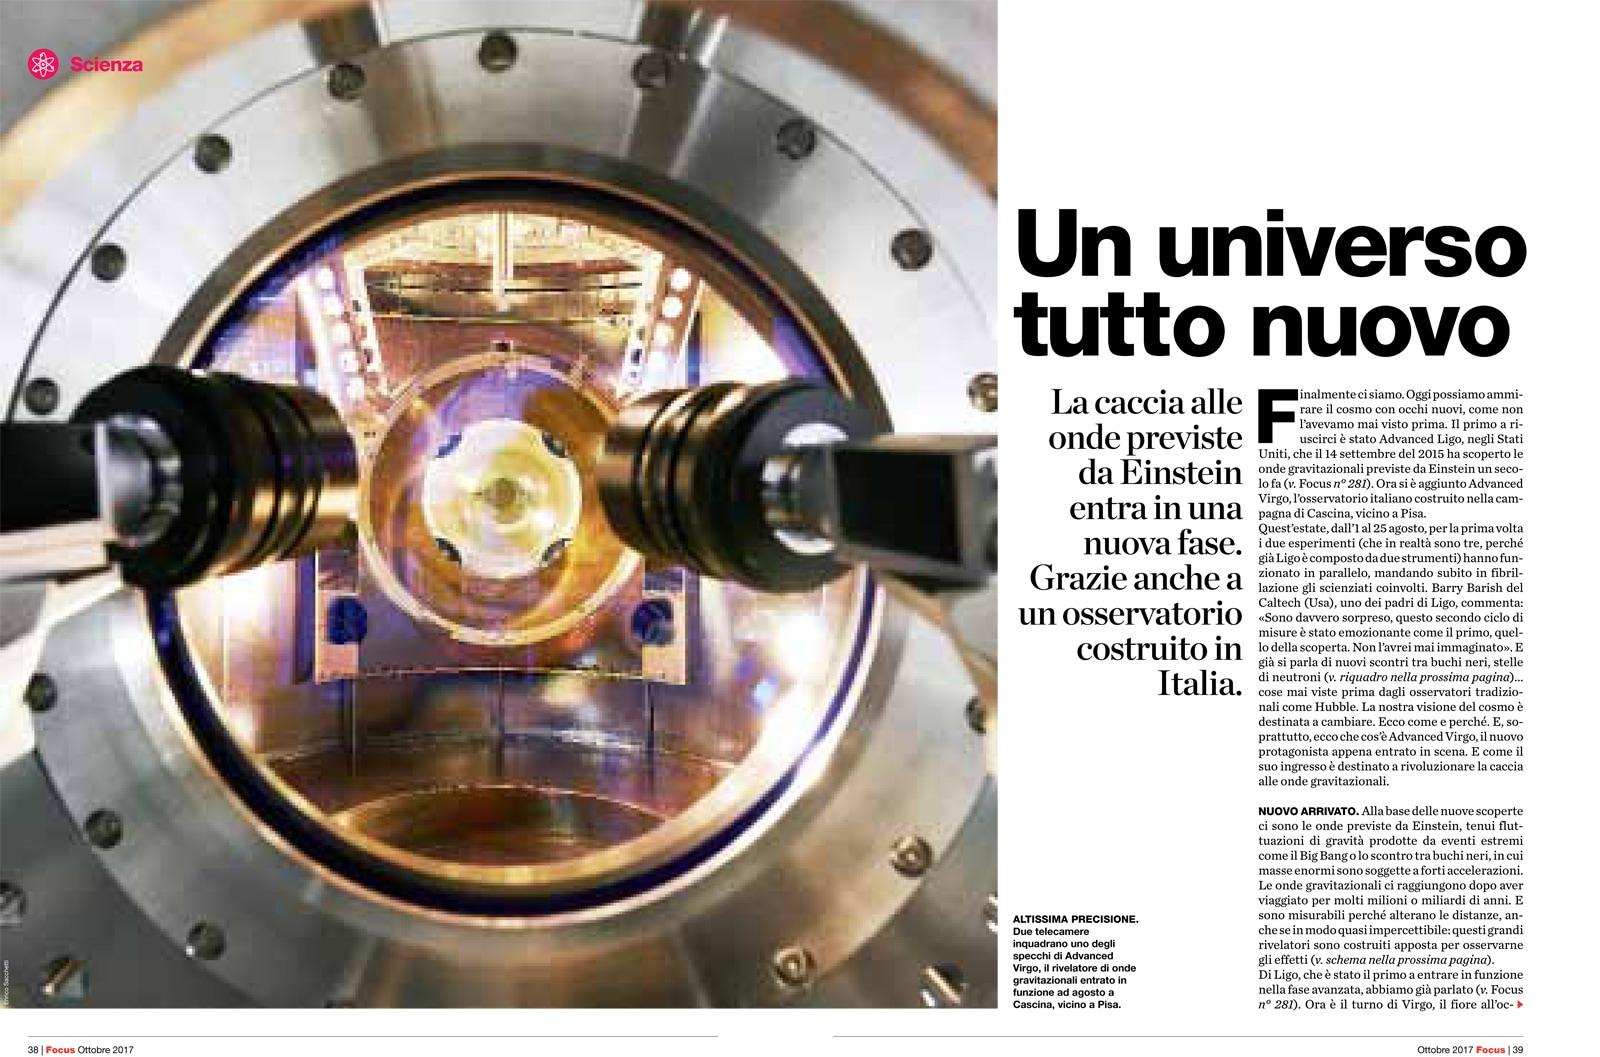 Onde gravitazionali, l'annuncio dell'Infn al G7 Scienza di Torino